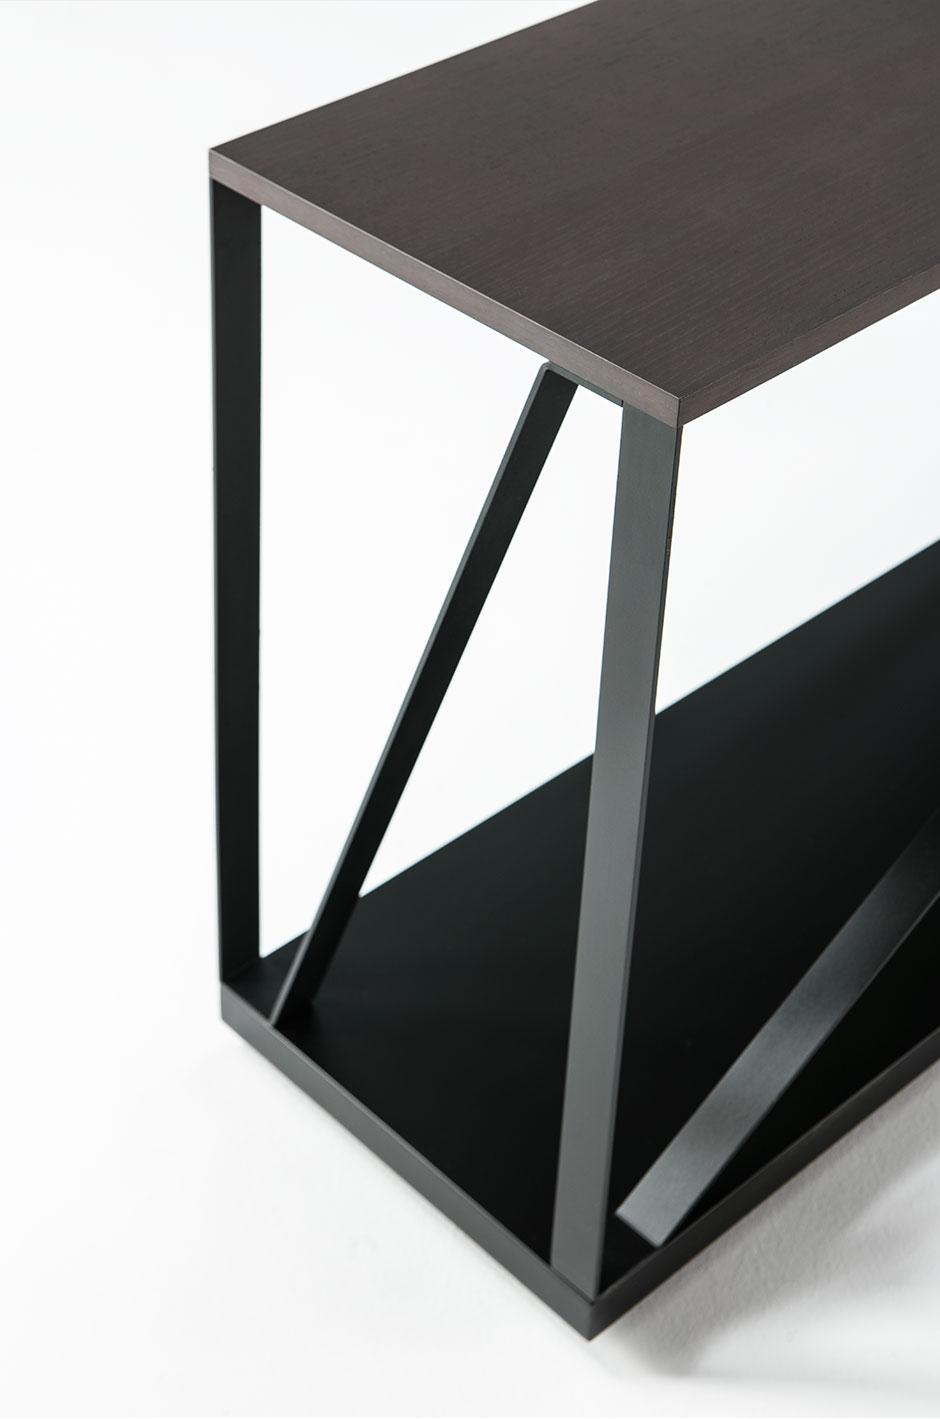 Consola Beam para Kendo Mobiliario. Diseñada por Discoh Design.